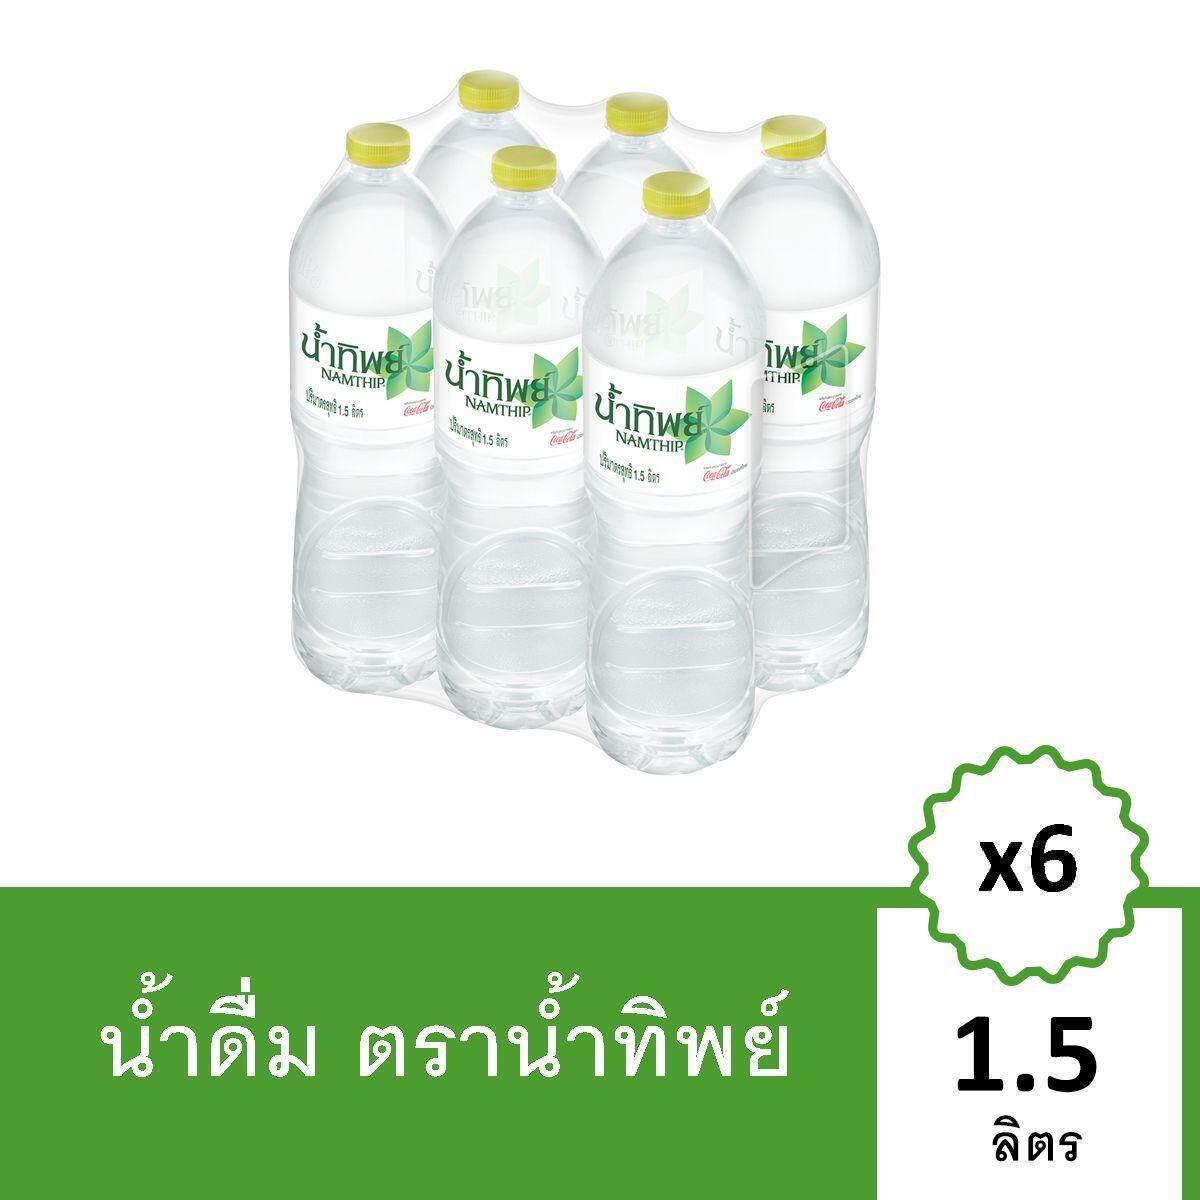 น้ำดื่ม ตราน้ำทิพย์ 1.5 ลิตร 6 ขวด By Lazada Retail Coca Cola.